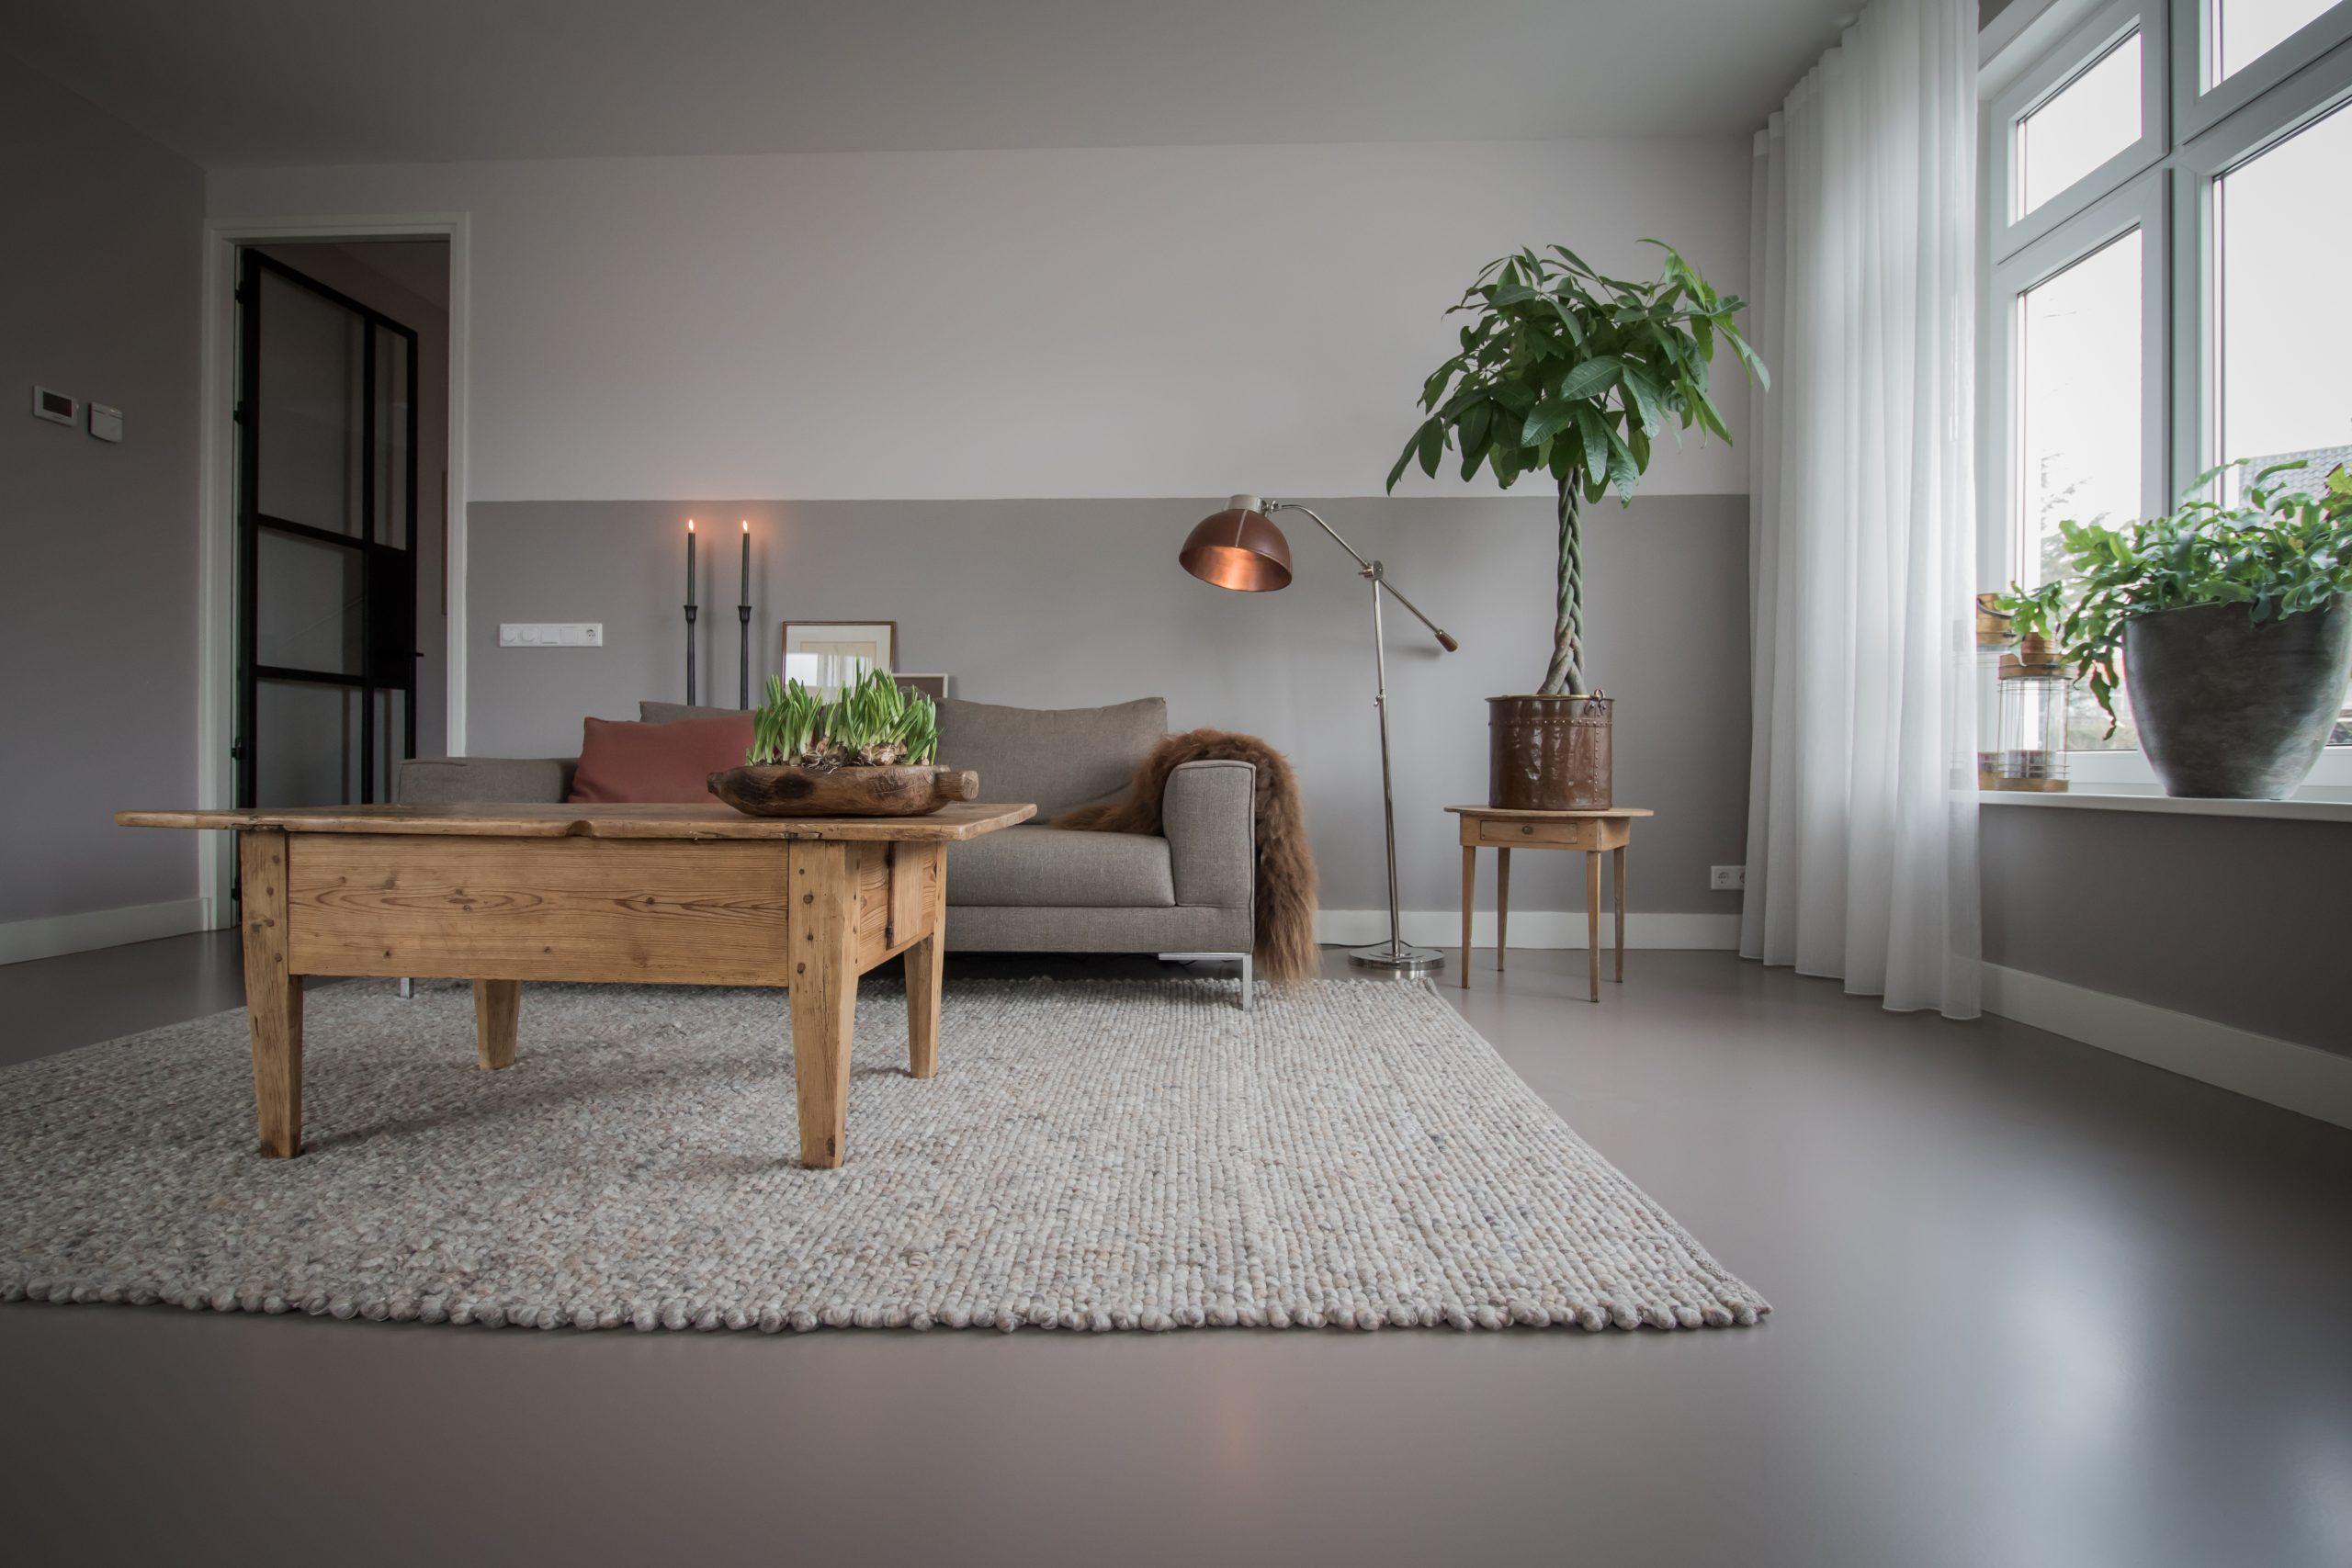 Mulhouse - interieurontwerp en Interieurstyling